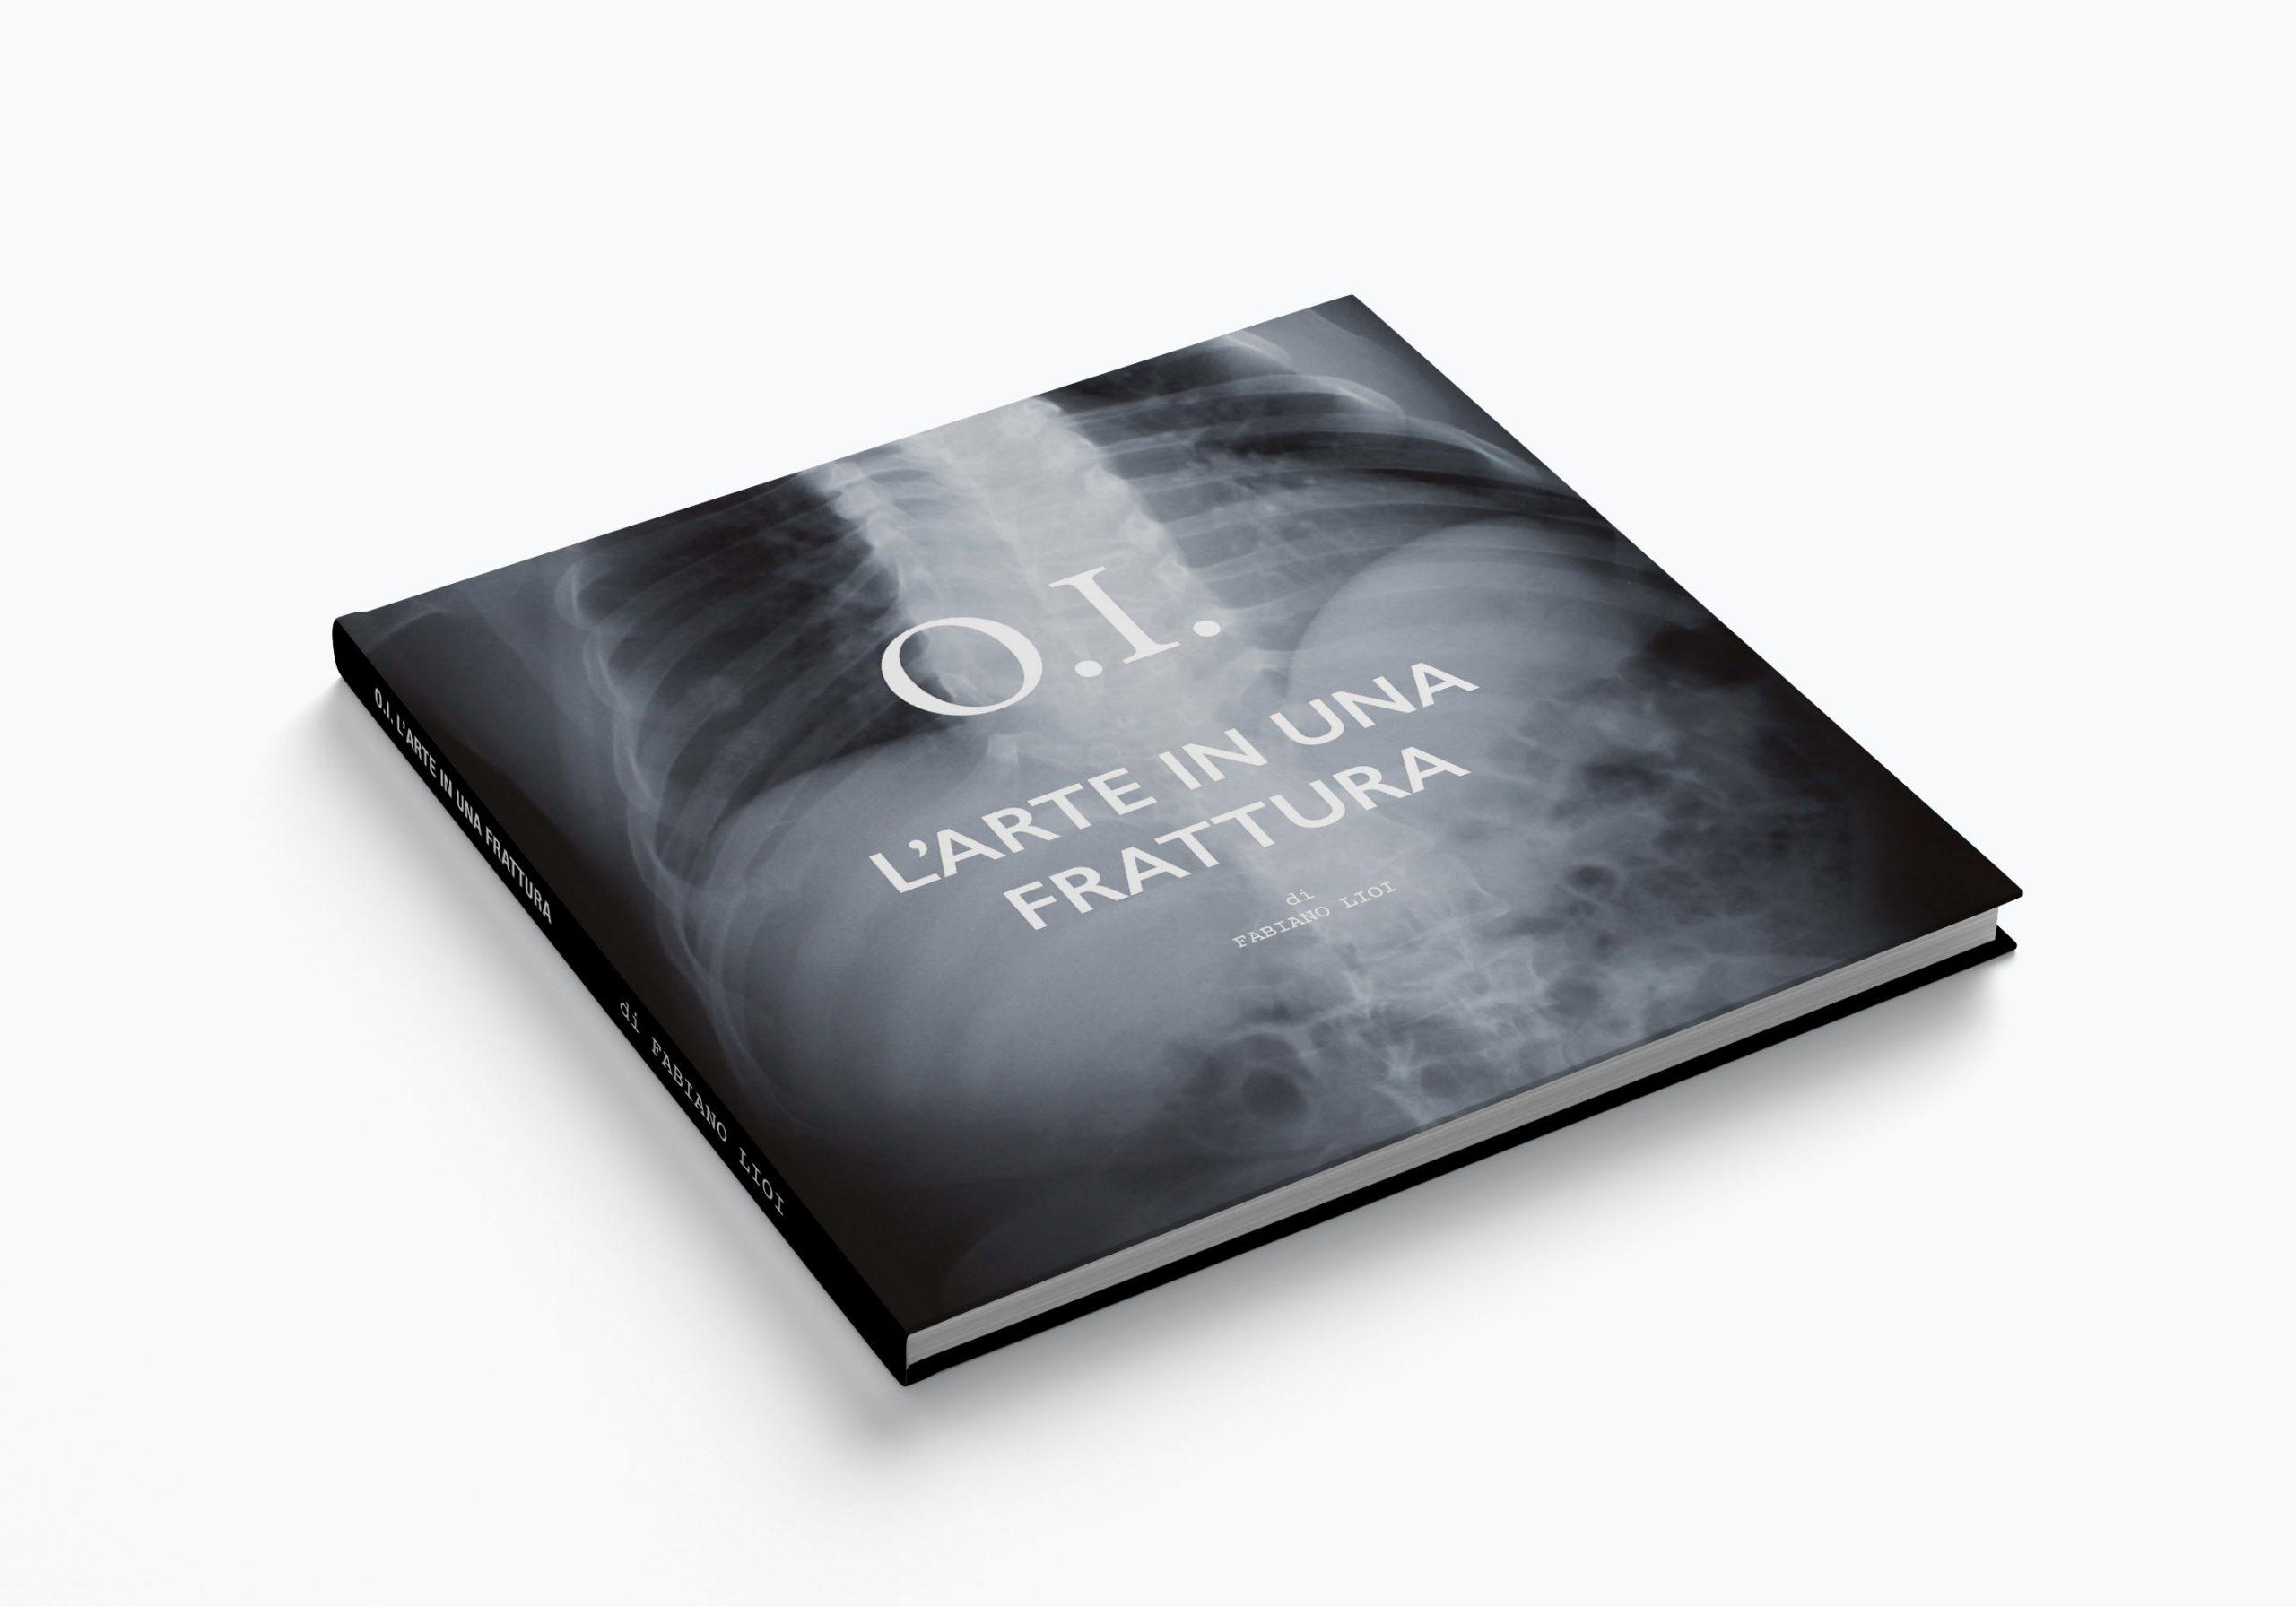 O.I. L'arte in una frattura: la copertina del libro sull'osteogenesi imperfetta